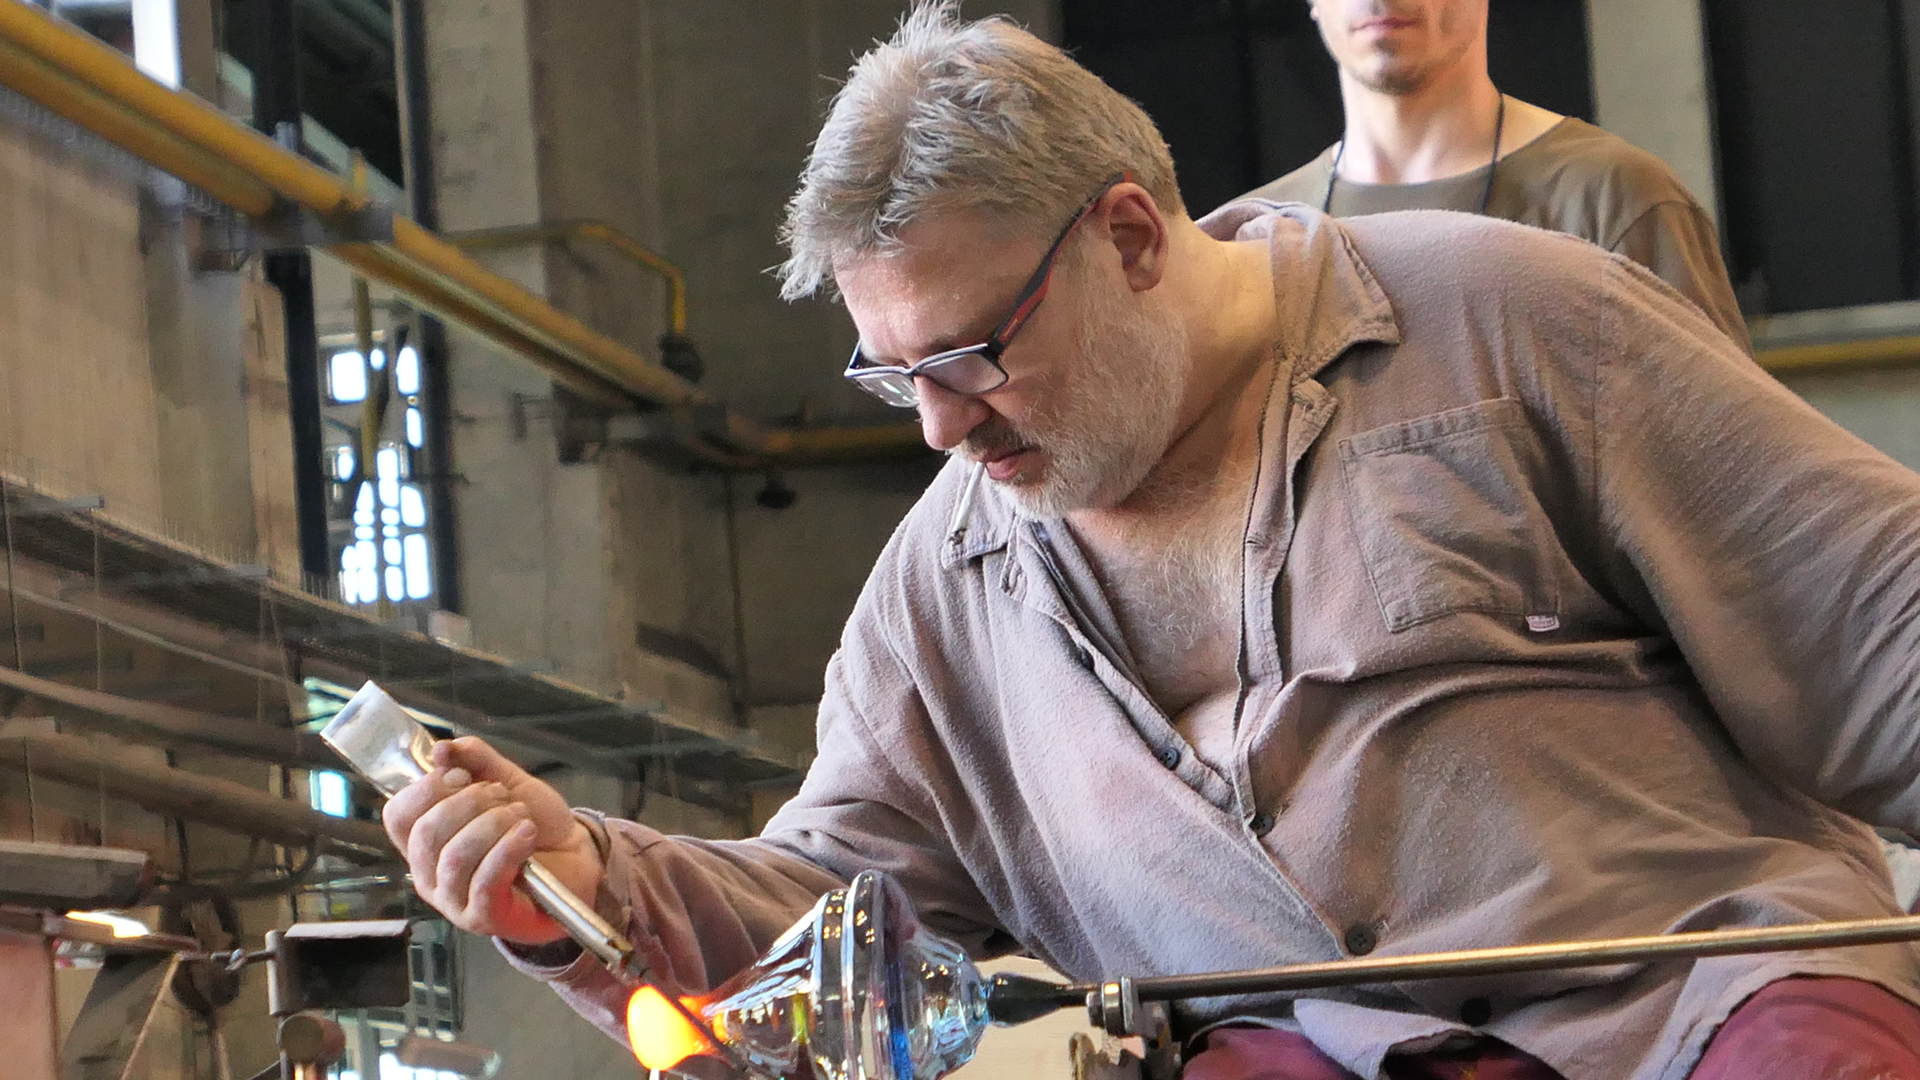 チェコの伝統工芸・ボヘミアガラス工房を見学